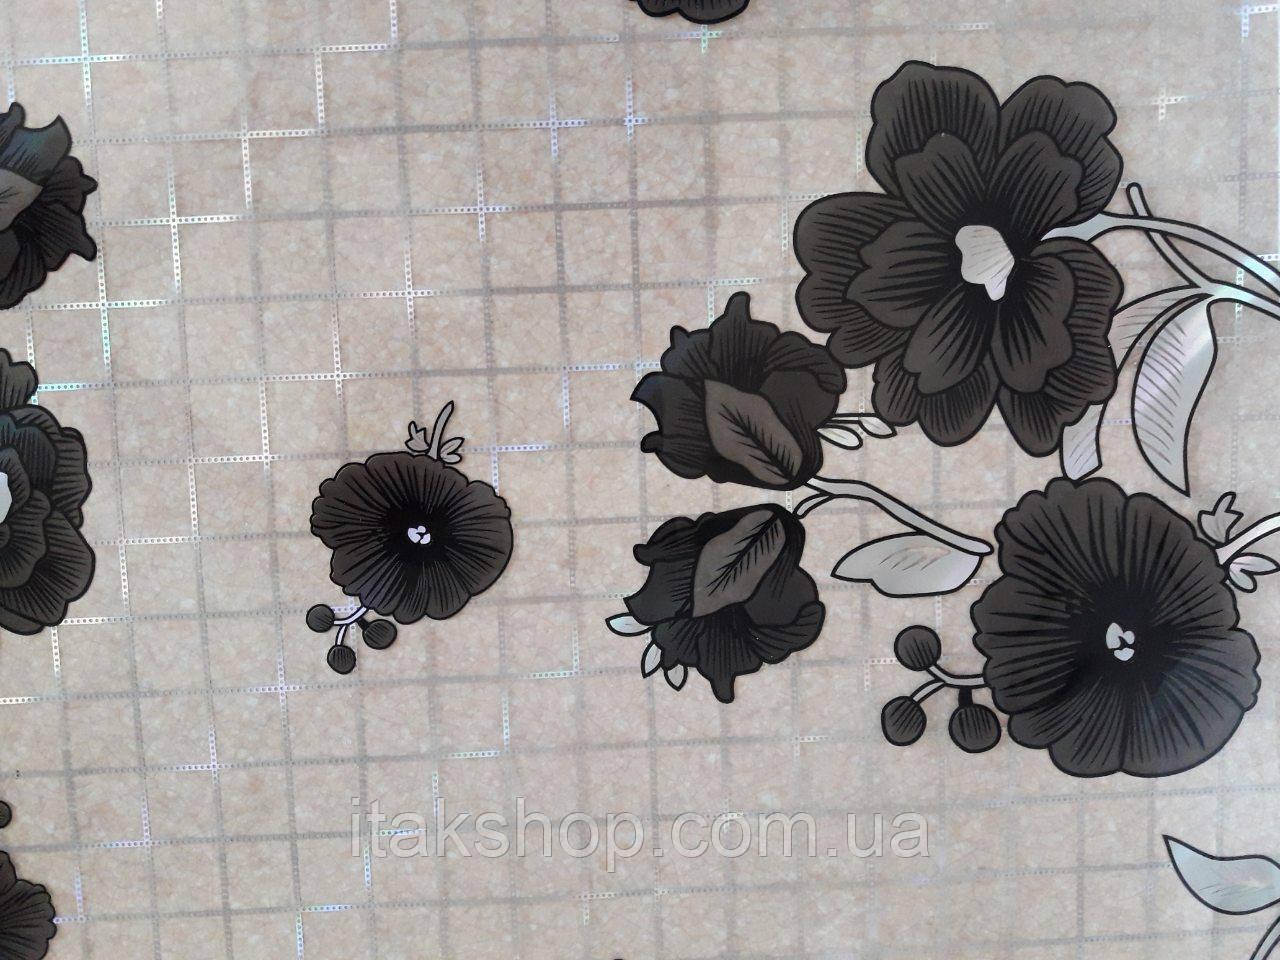 М'яке скло Скатертину з лазерним малюнком Soft Glass 1.3х0.8м товщина 1.5 мм Чорні квіточки